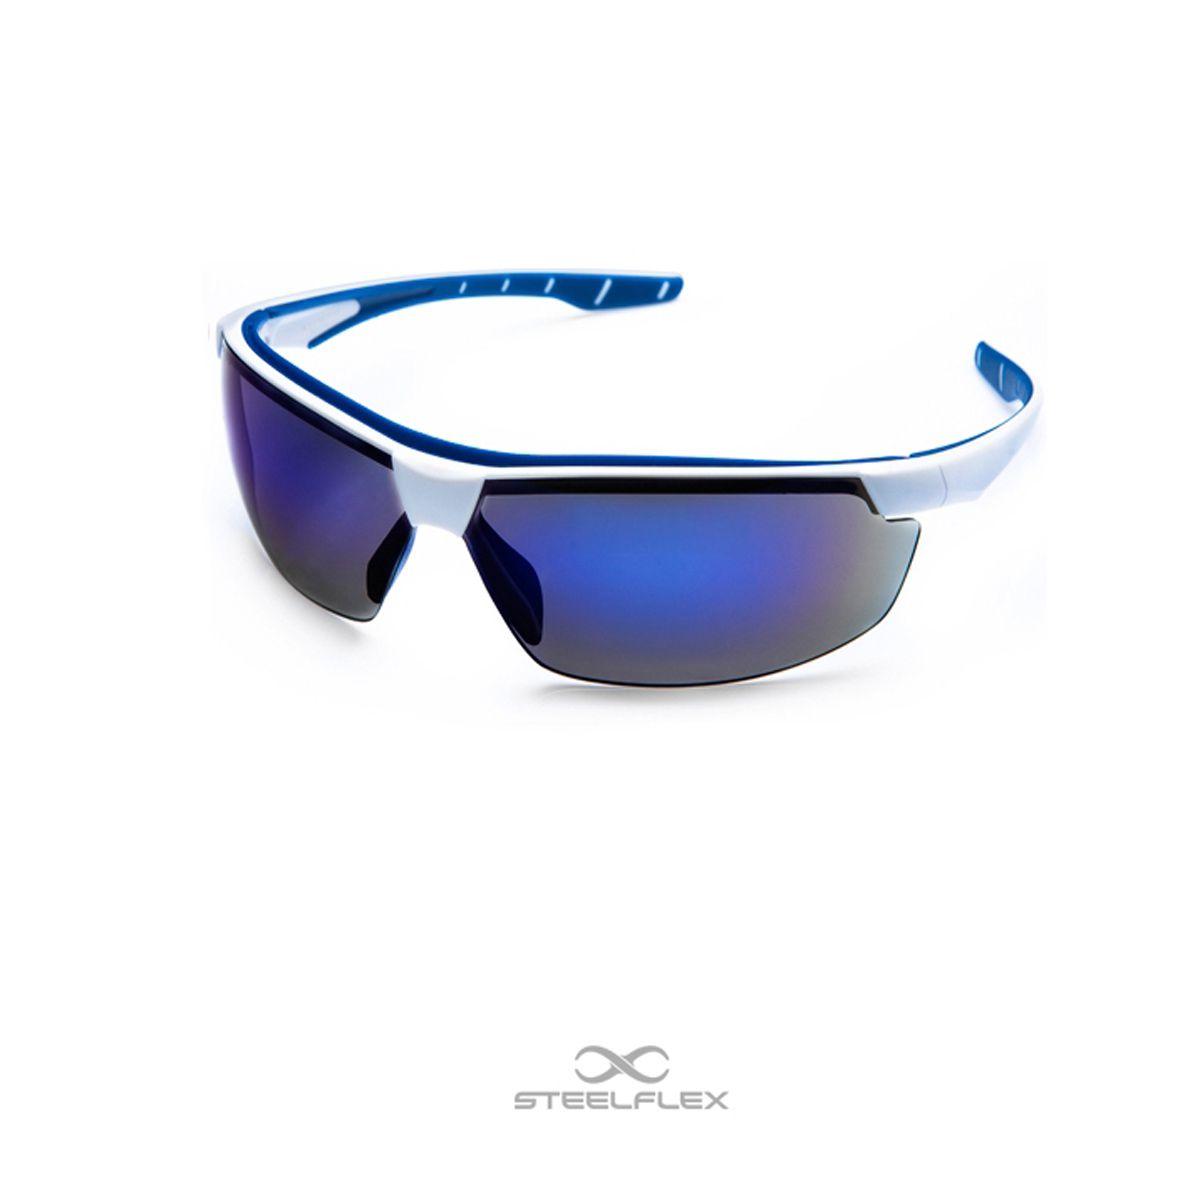 Óculos de Segurança Steelflex NEON – Lente Azul Espelhada